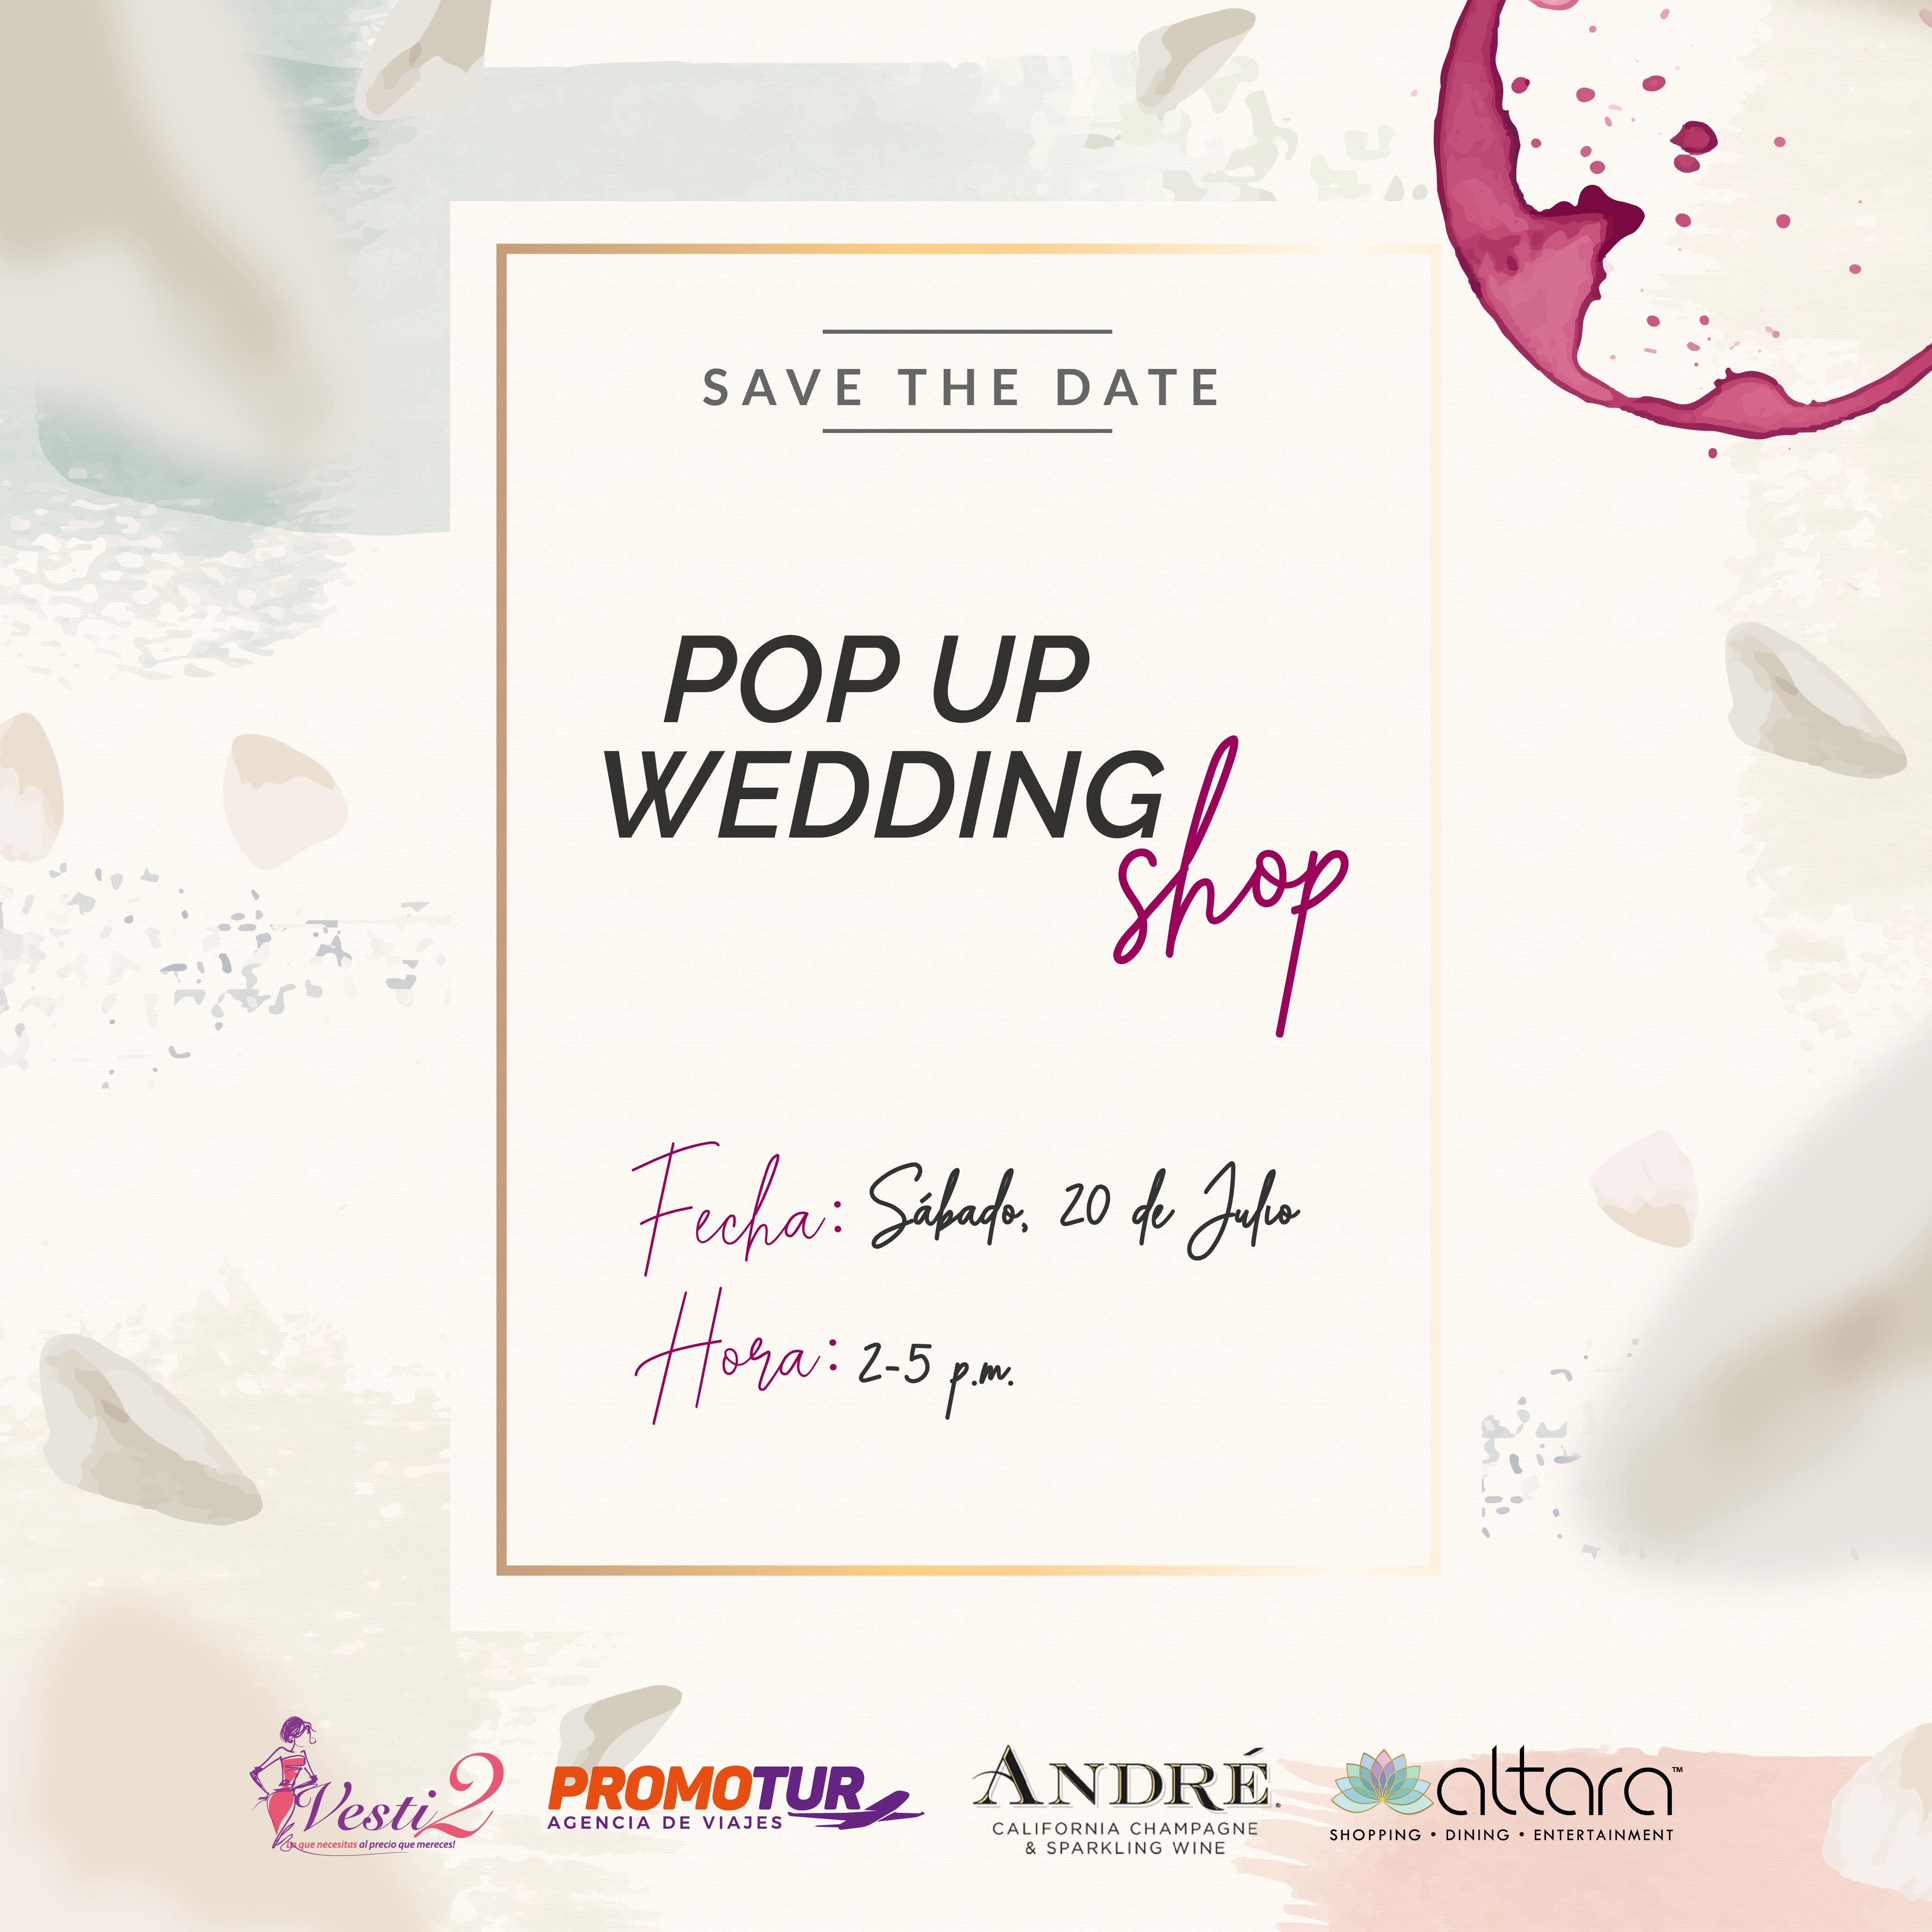 ¡POP UP WEDDING SHOP!